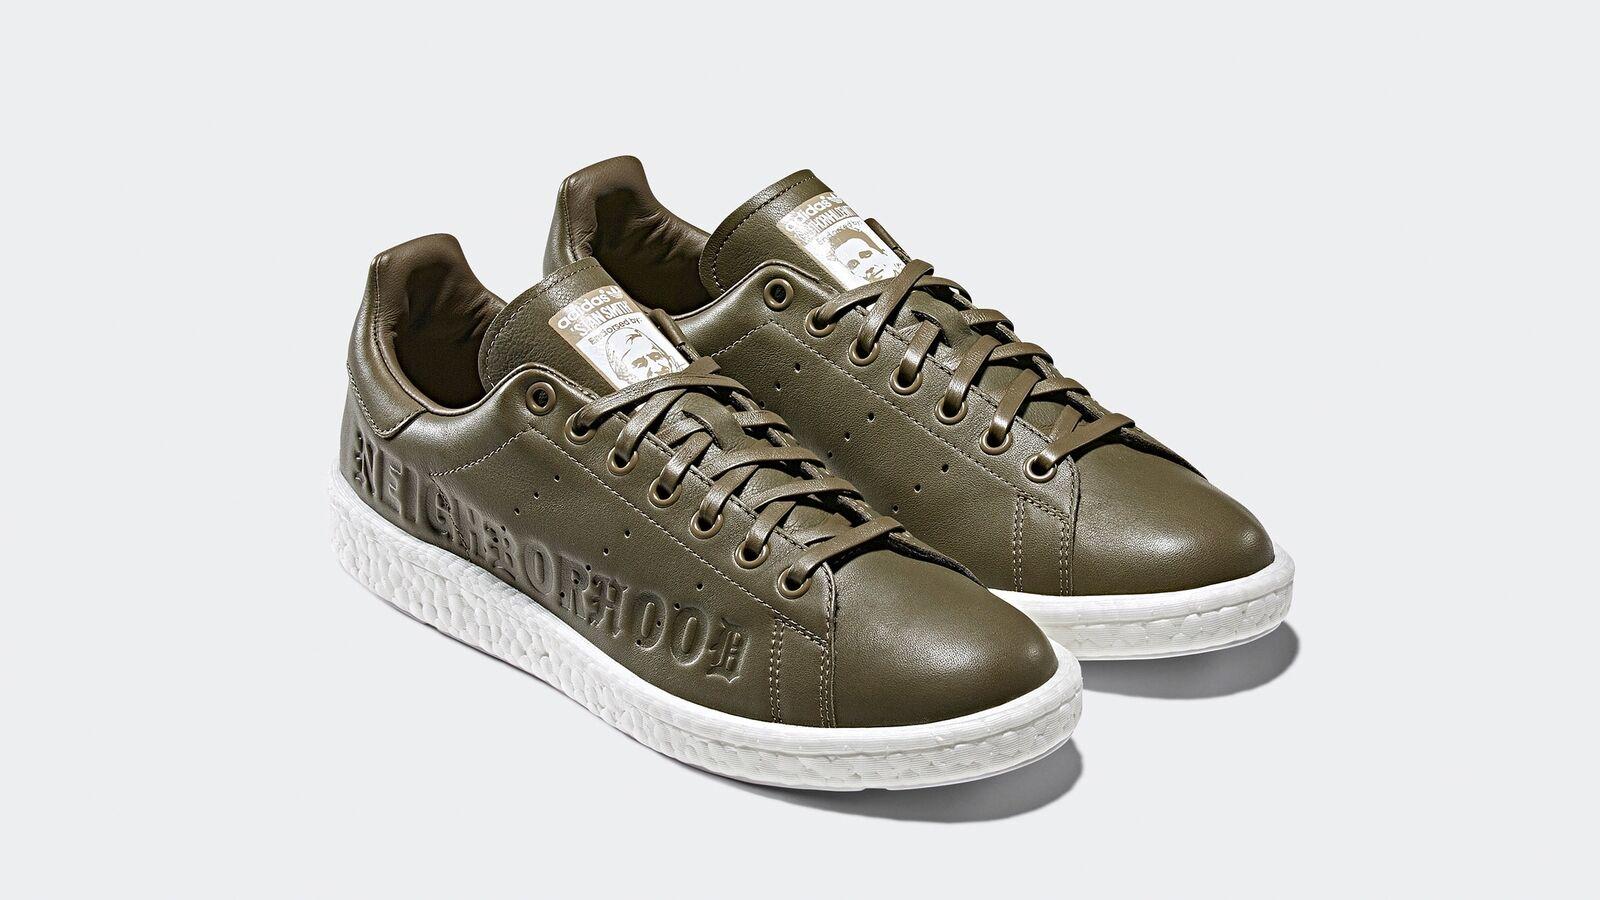 Adidas Stan Smith Boost Neighborhood Olive